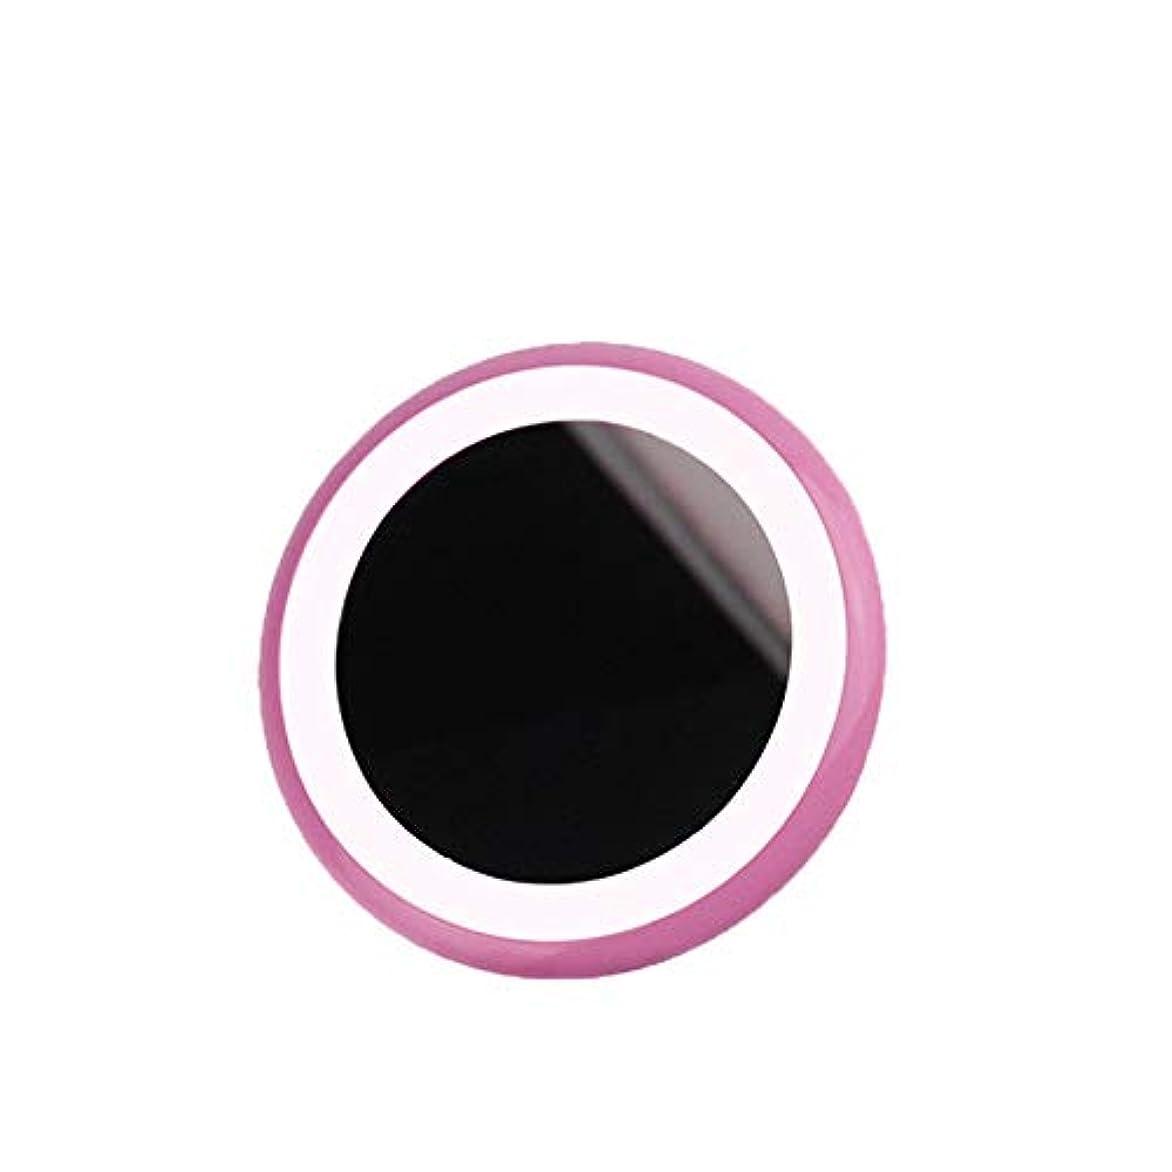 流行の LEDライトメイクアップミラー新しい携帯充電宝物入れミラー美容ミラーABS素材2ピンクブルーセクション